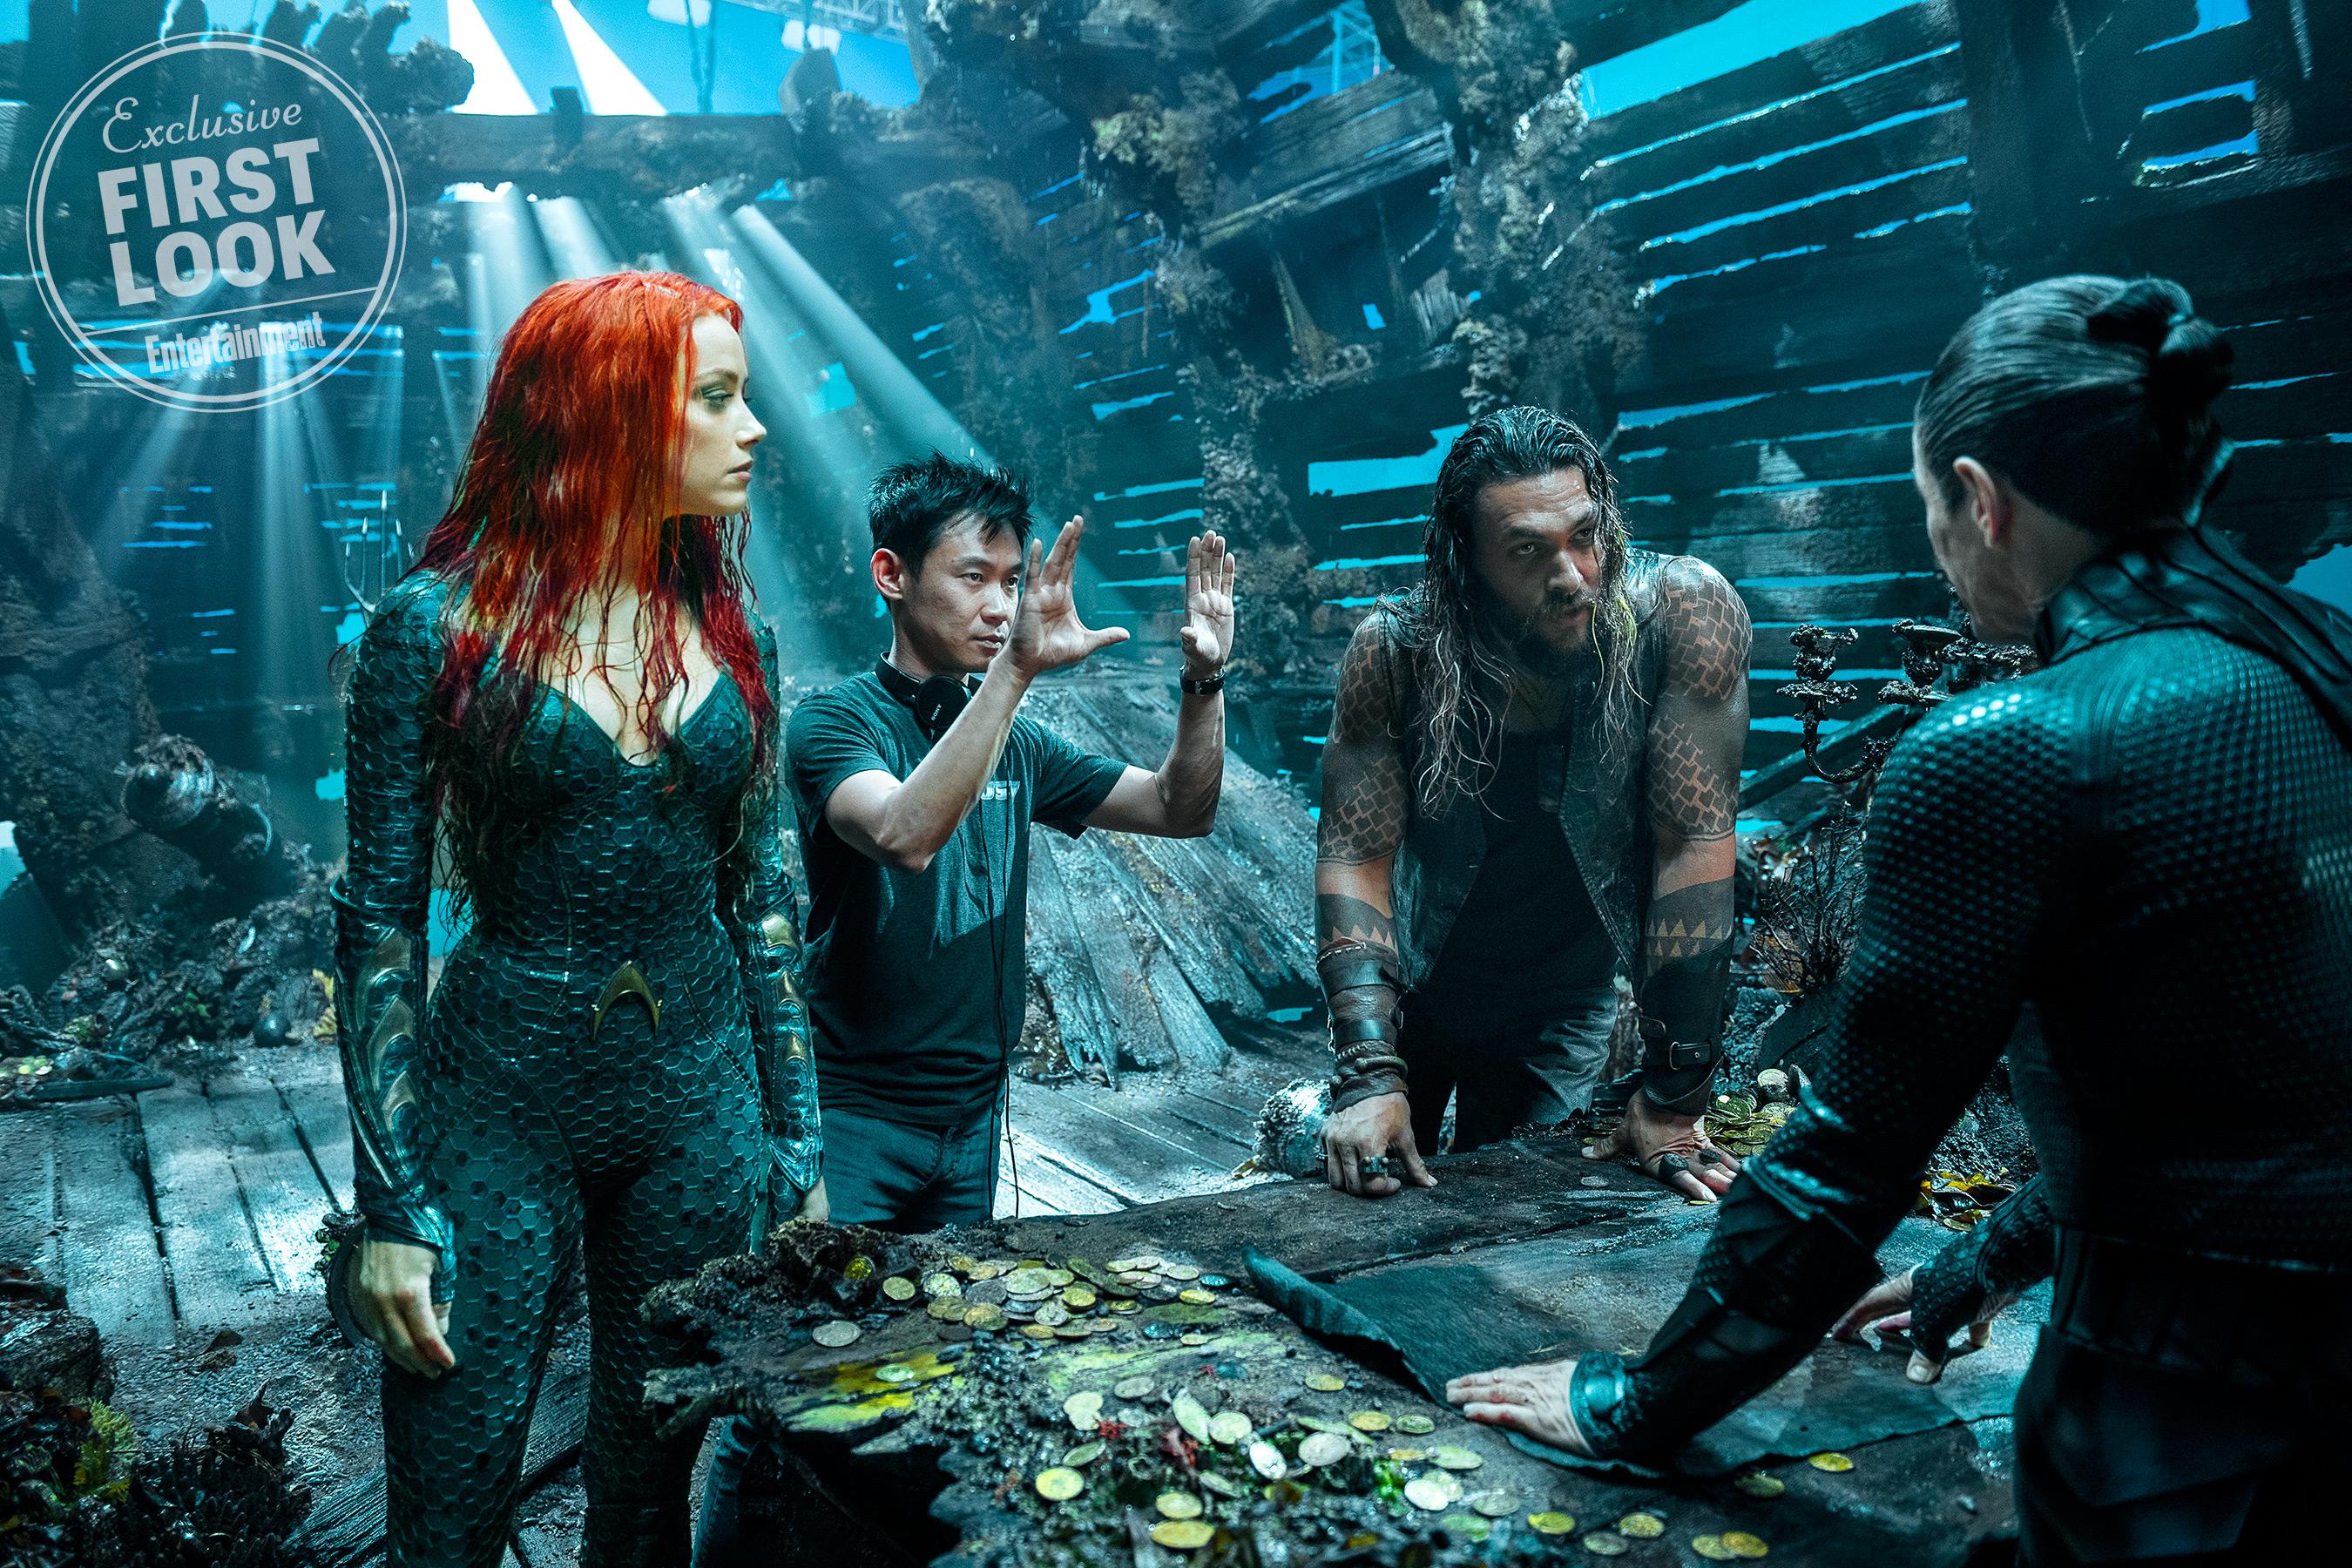 James Wan instrukciókkal látja el Heardot és Momoát egy hajóroncsban, miközben Aquaman mentorával, Vulkóval (Willem Dafoe) találkoznak.<br /><br />Jasin Boland/Warner Bros.